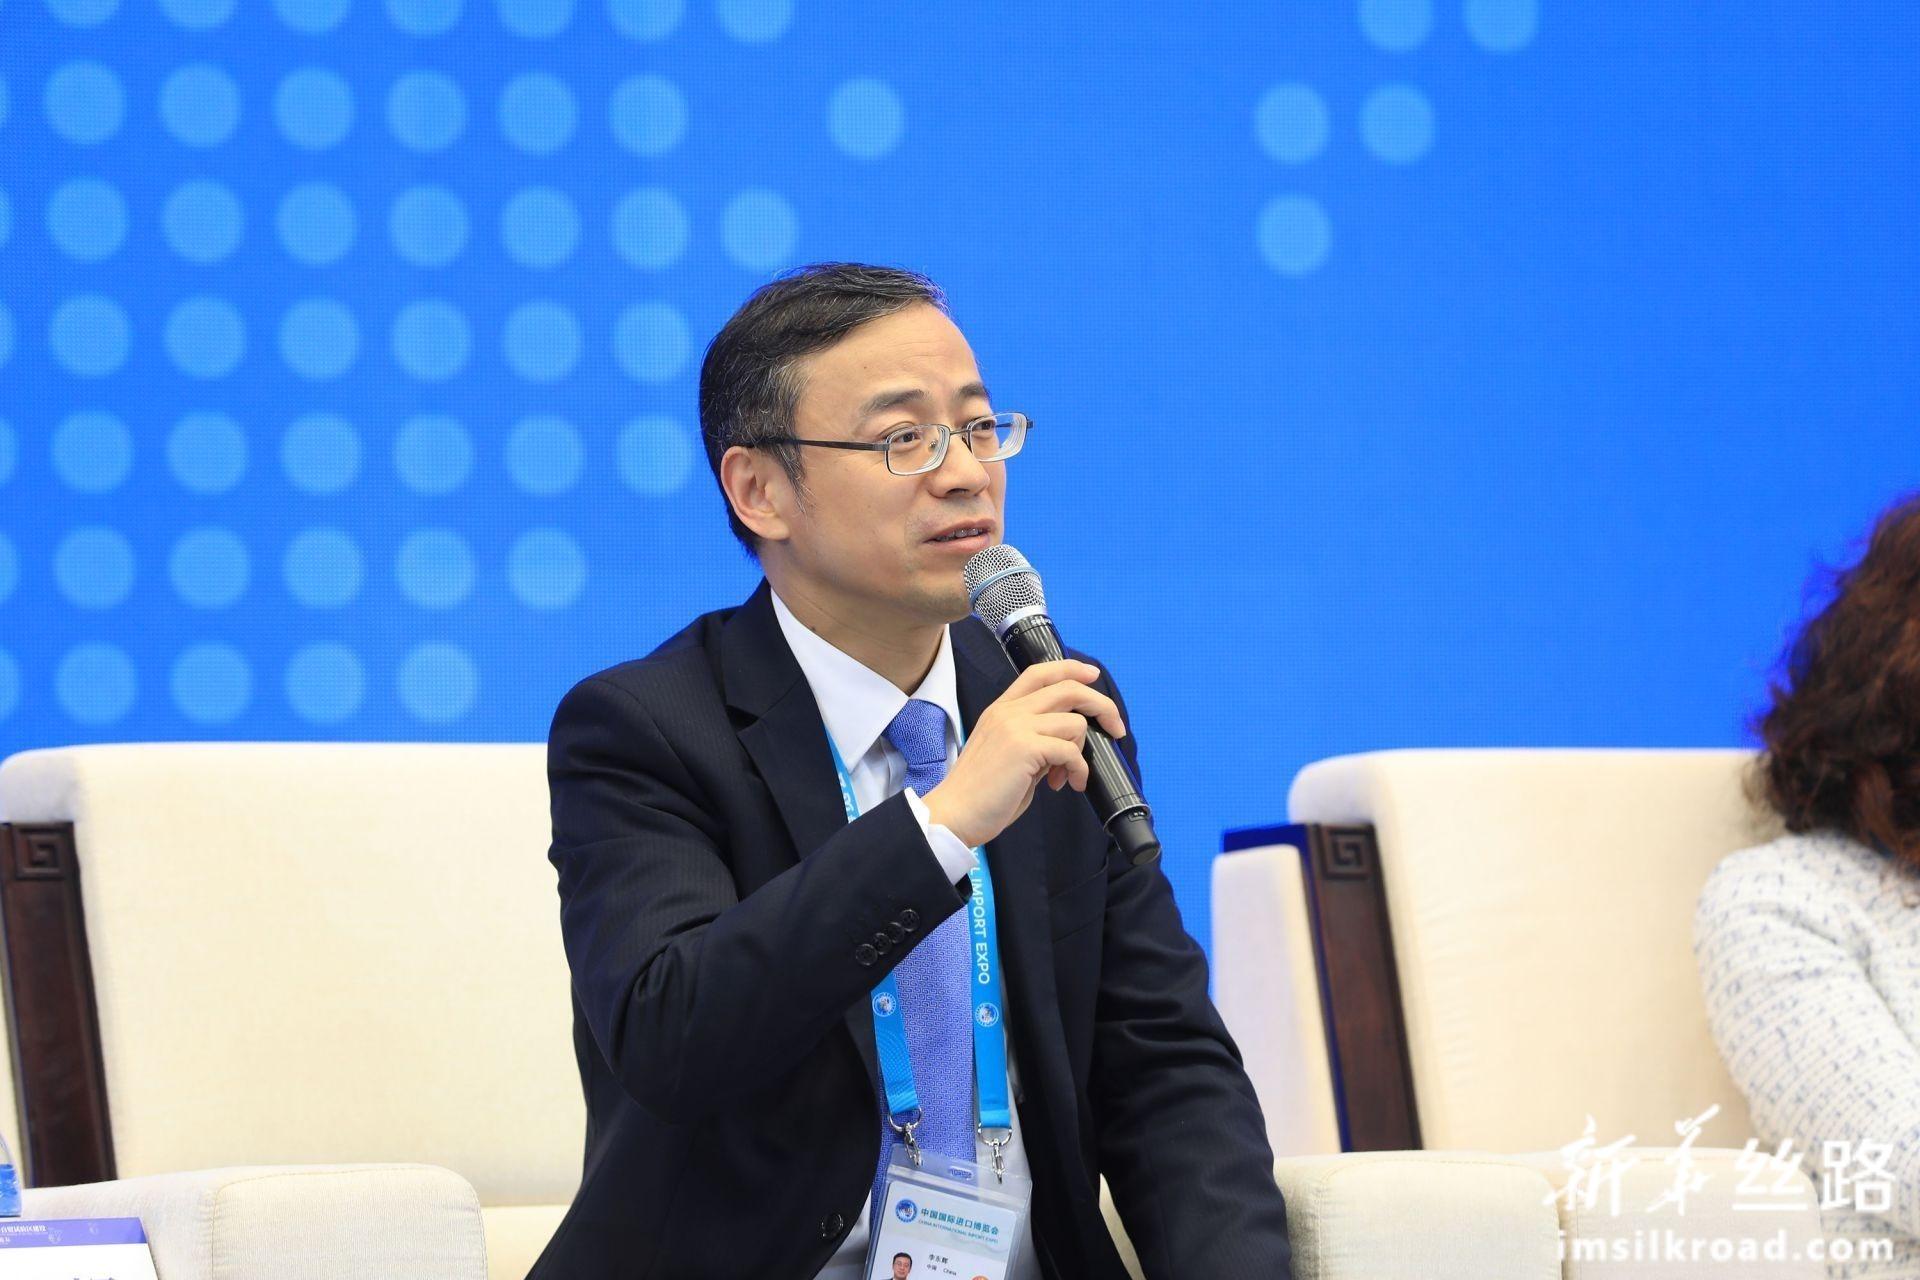 在分论坛1:人民币国际化服务实体经济上,浙江吉利控股集团常务副总裁兼CFO李东辉发言